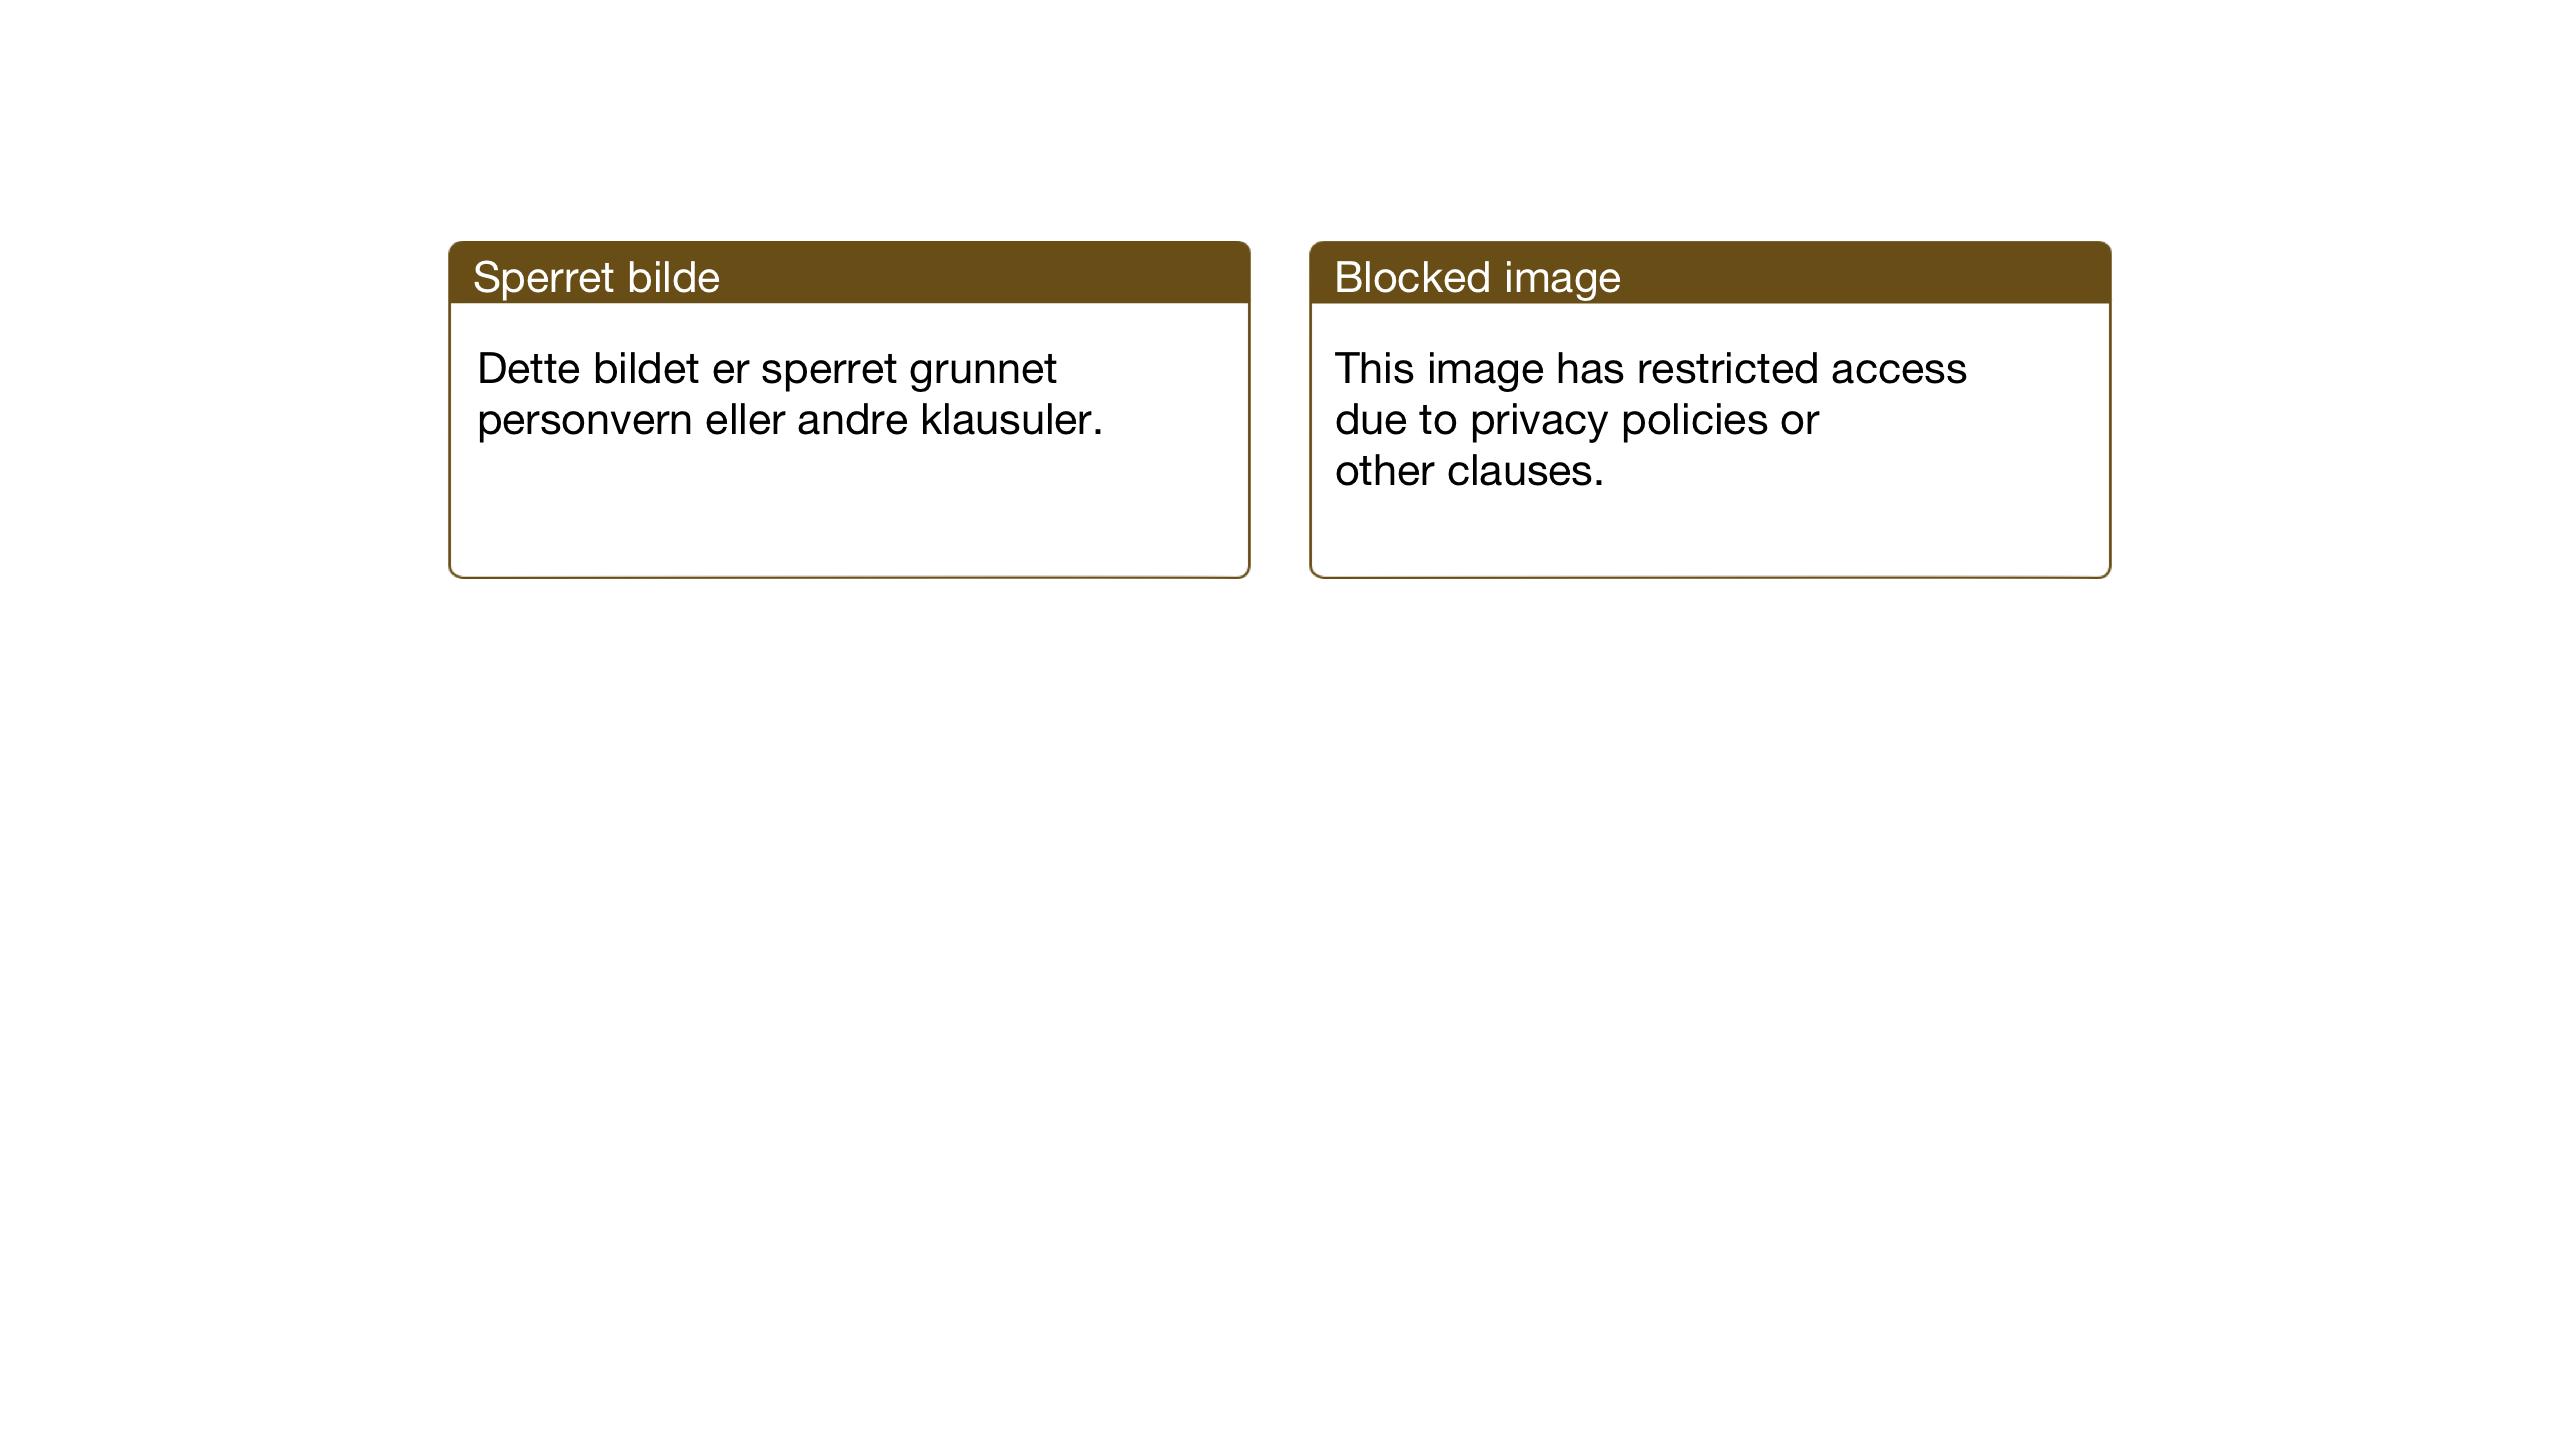 SAT, Ministerialprotokoller, klokkerbøker og fødselsregistre - Nord-Trøndelag, 755/L0500: Klokkerbok nr. 755C01, 1920-1962, s. 167